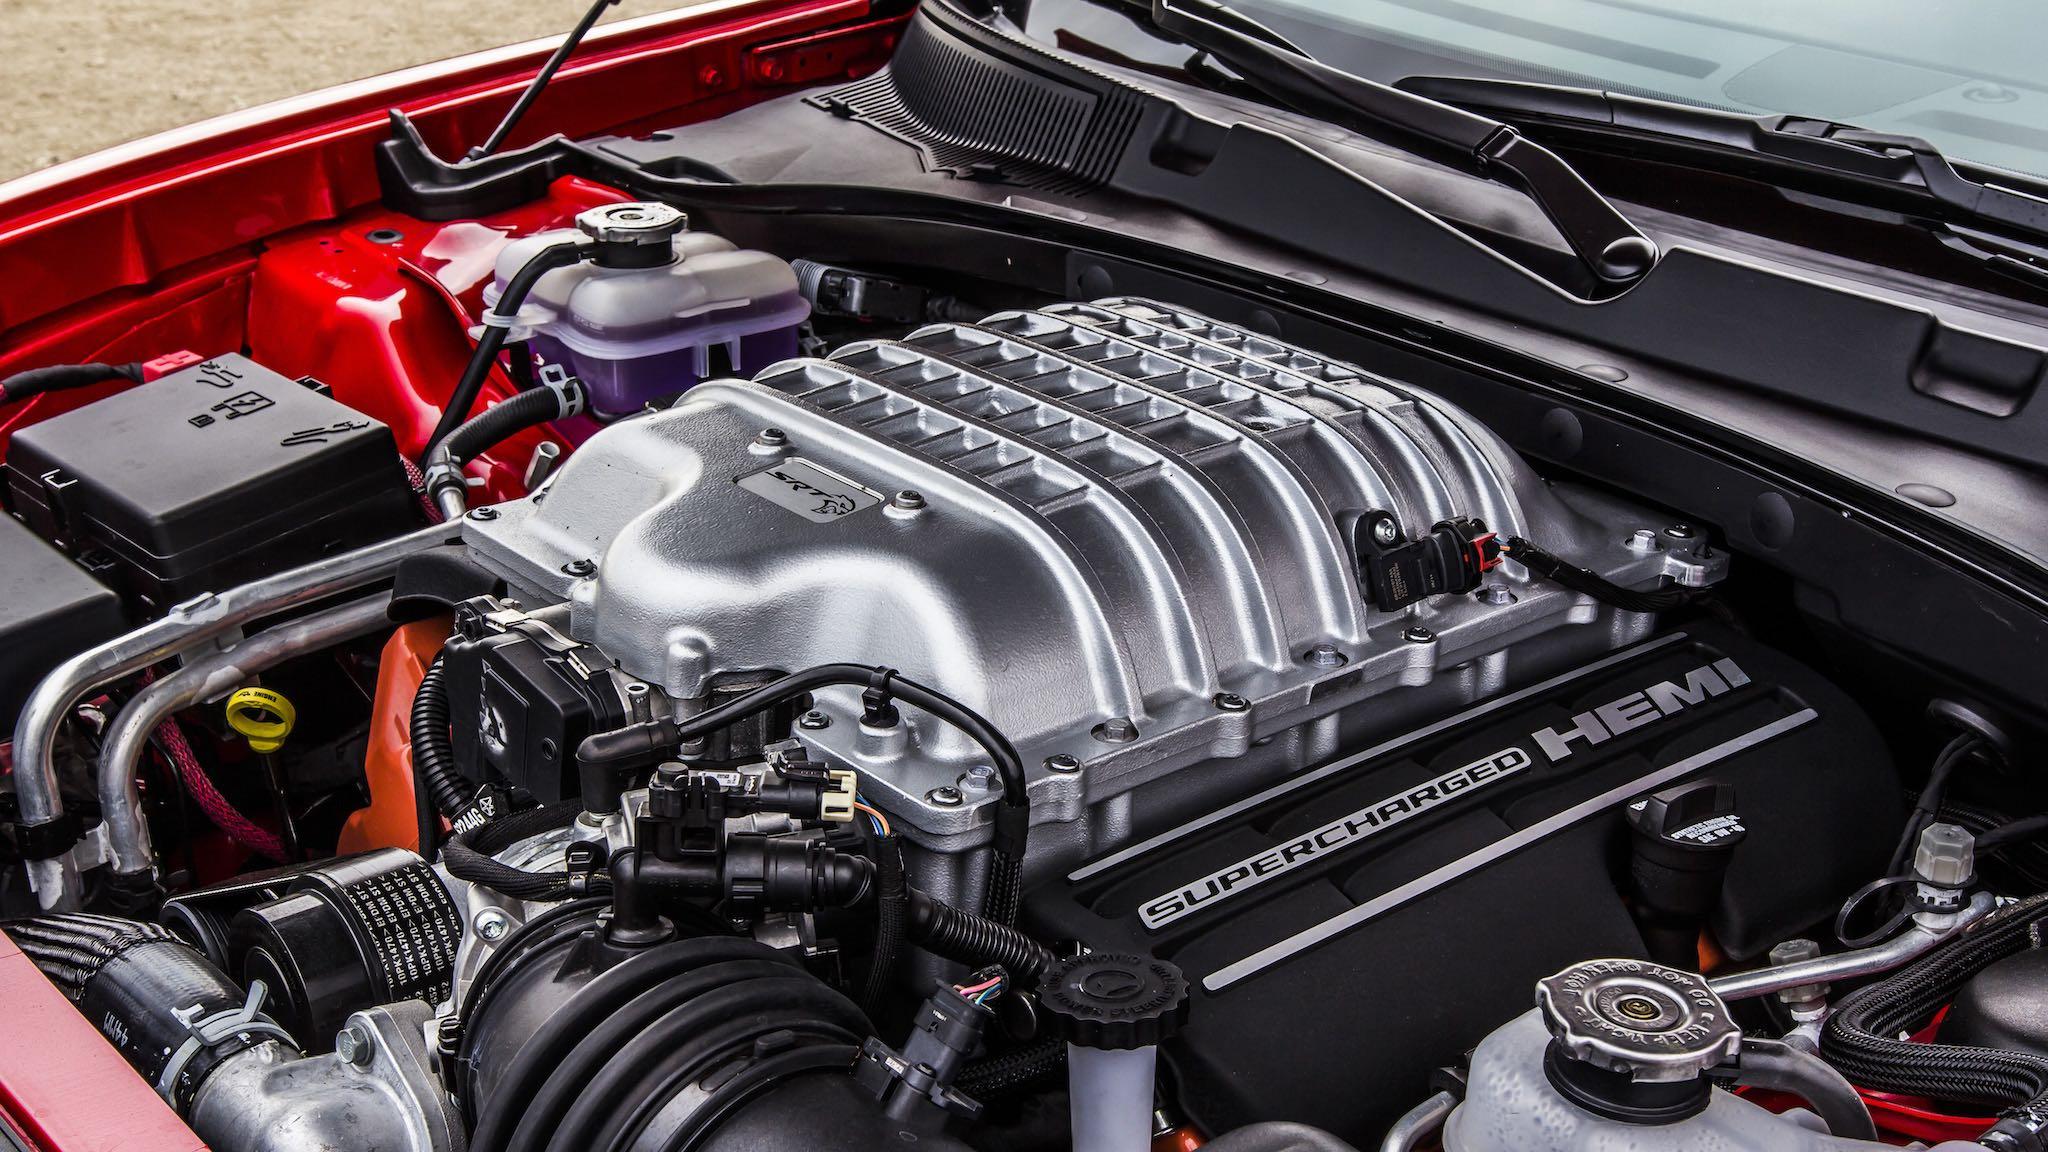 Motor V8 6.2  Hemi Supercharger